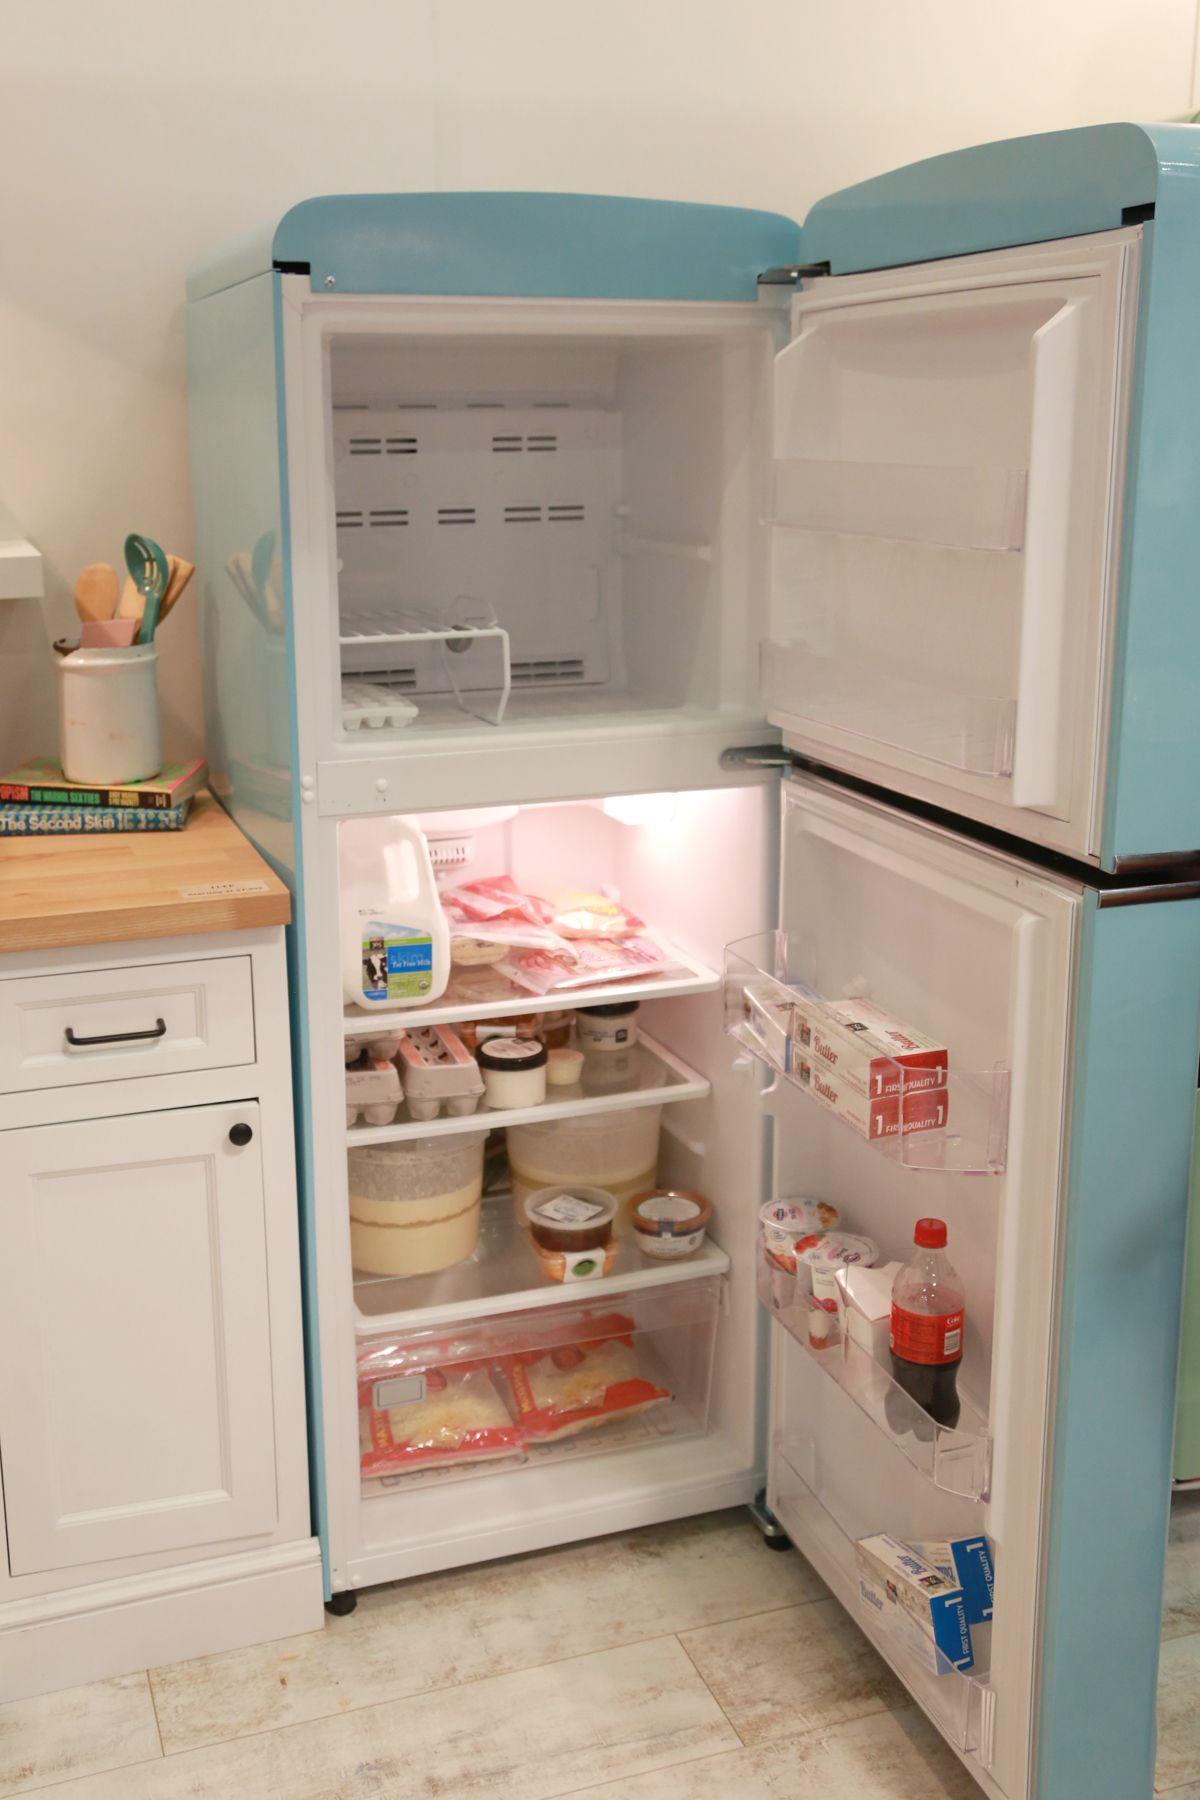 Charmant Big Chill Slim Fridge Gallery Page   Big Chill Retro Refrigerator, Retro  Fridge, Kitchen